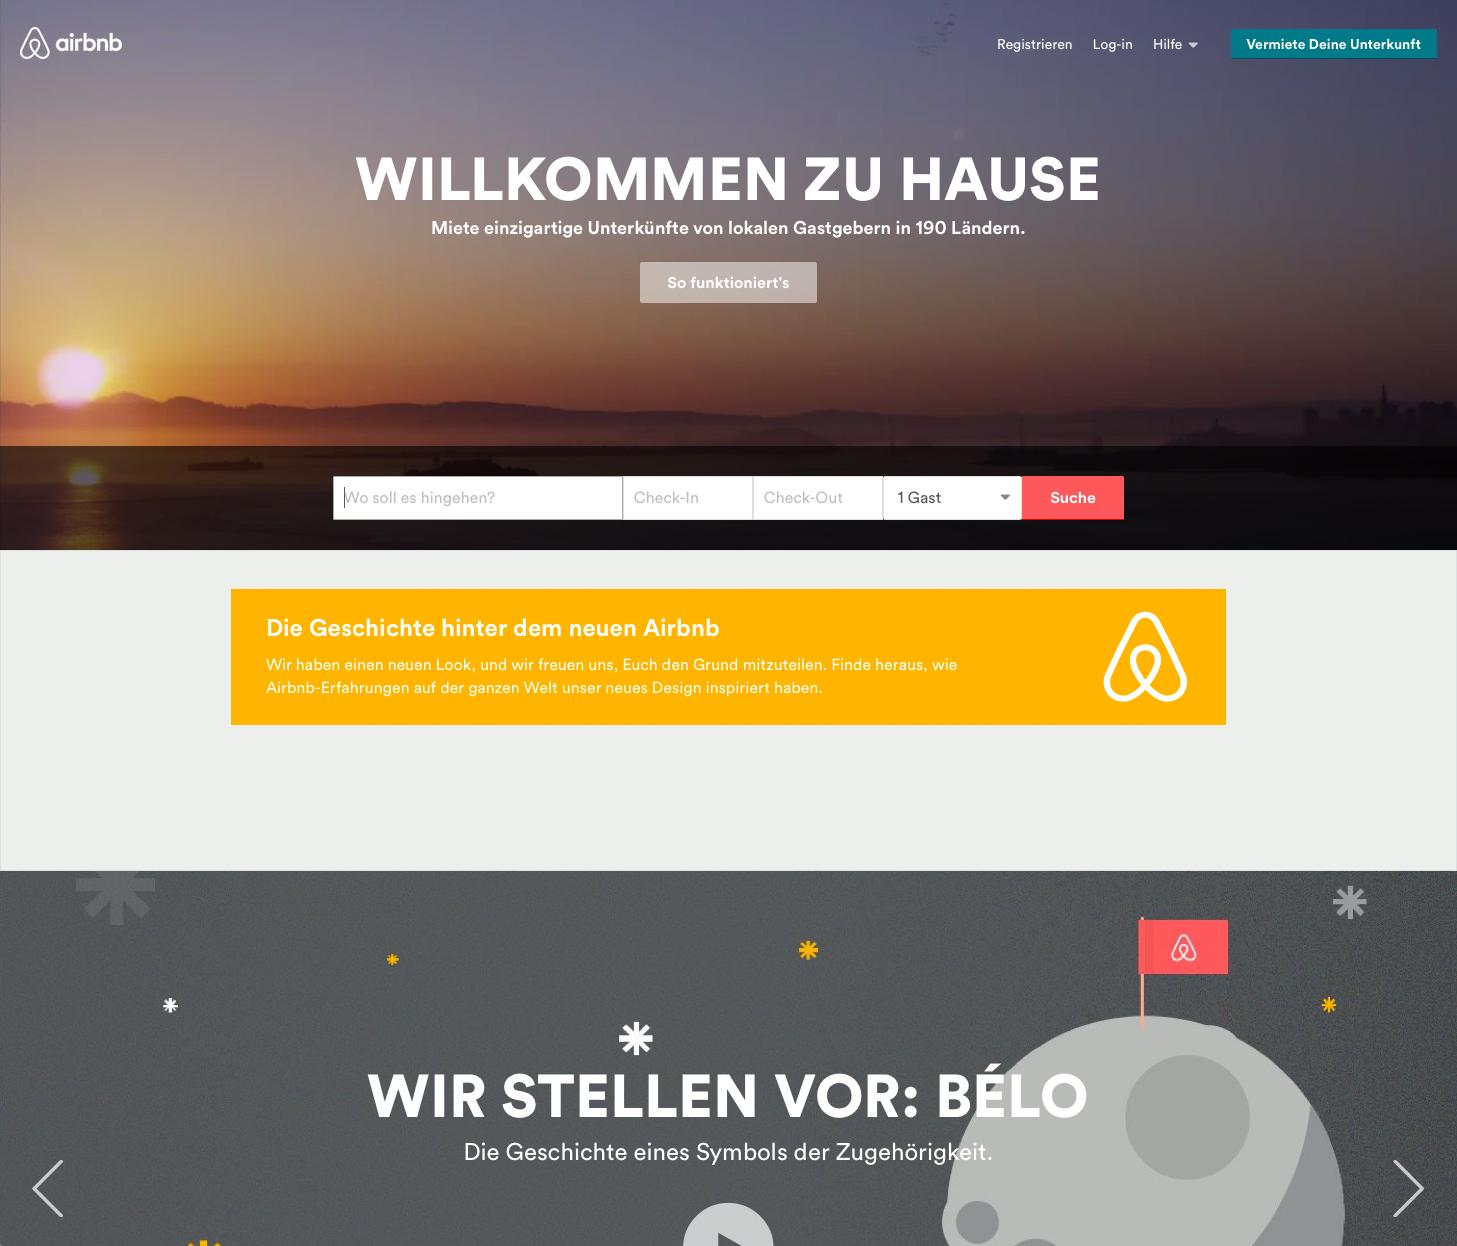 Das ist die Website von airbnb nach dem ReDesign.